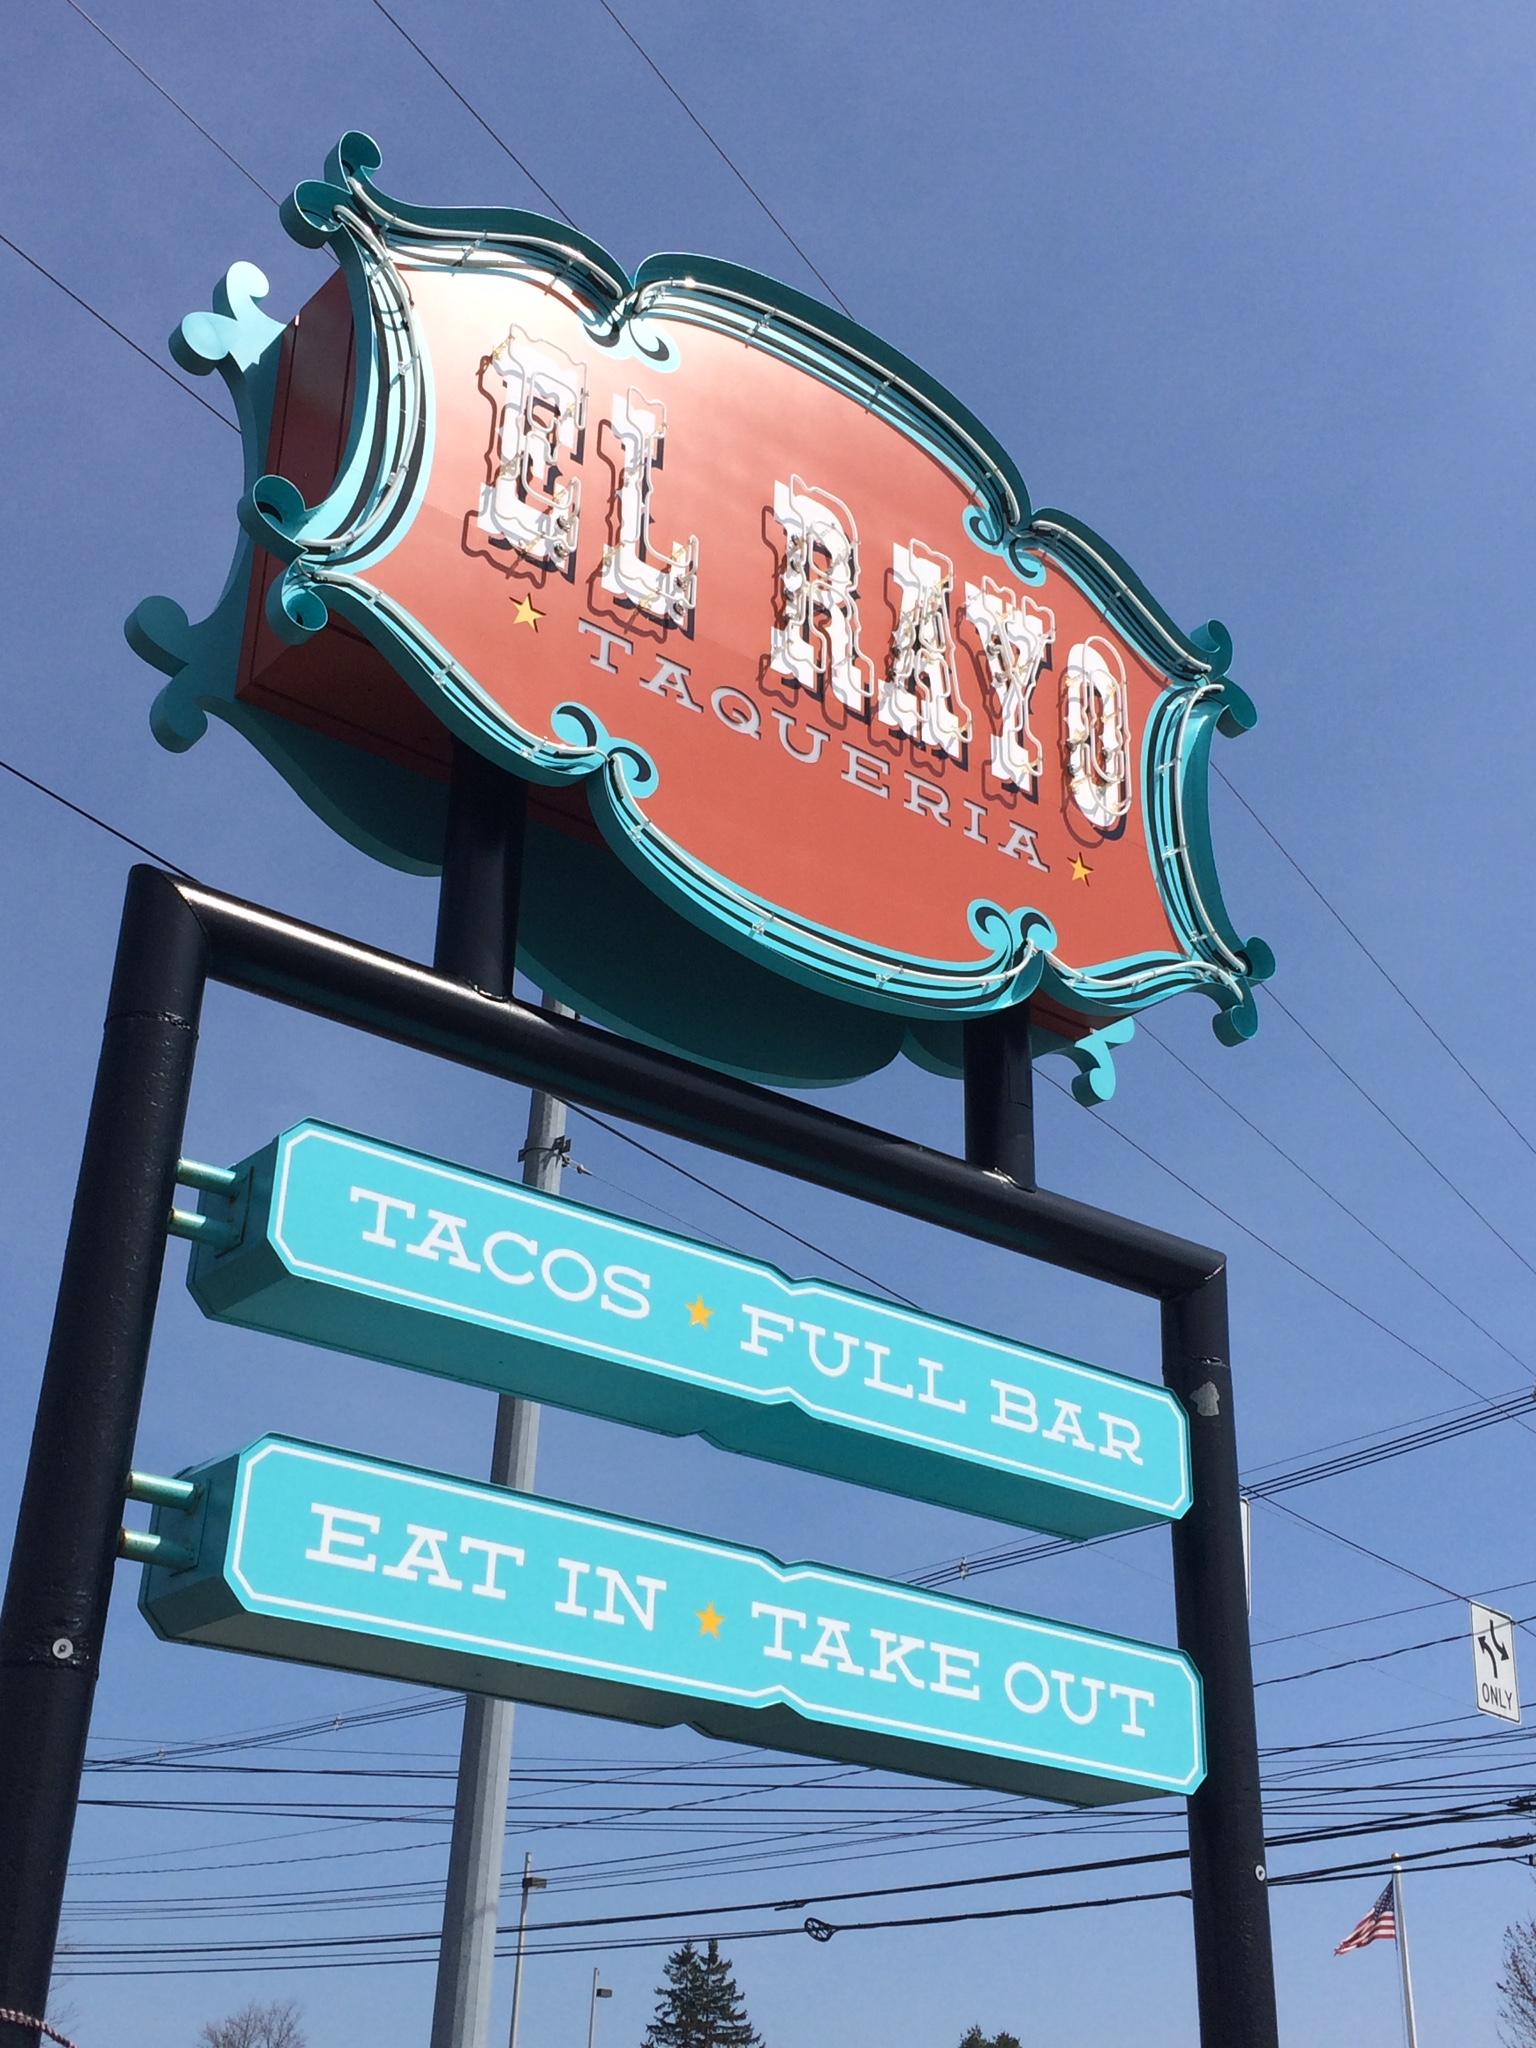 El Rayo Neon Sign